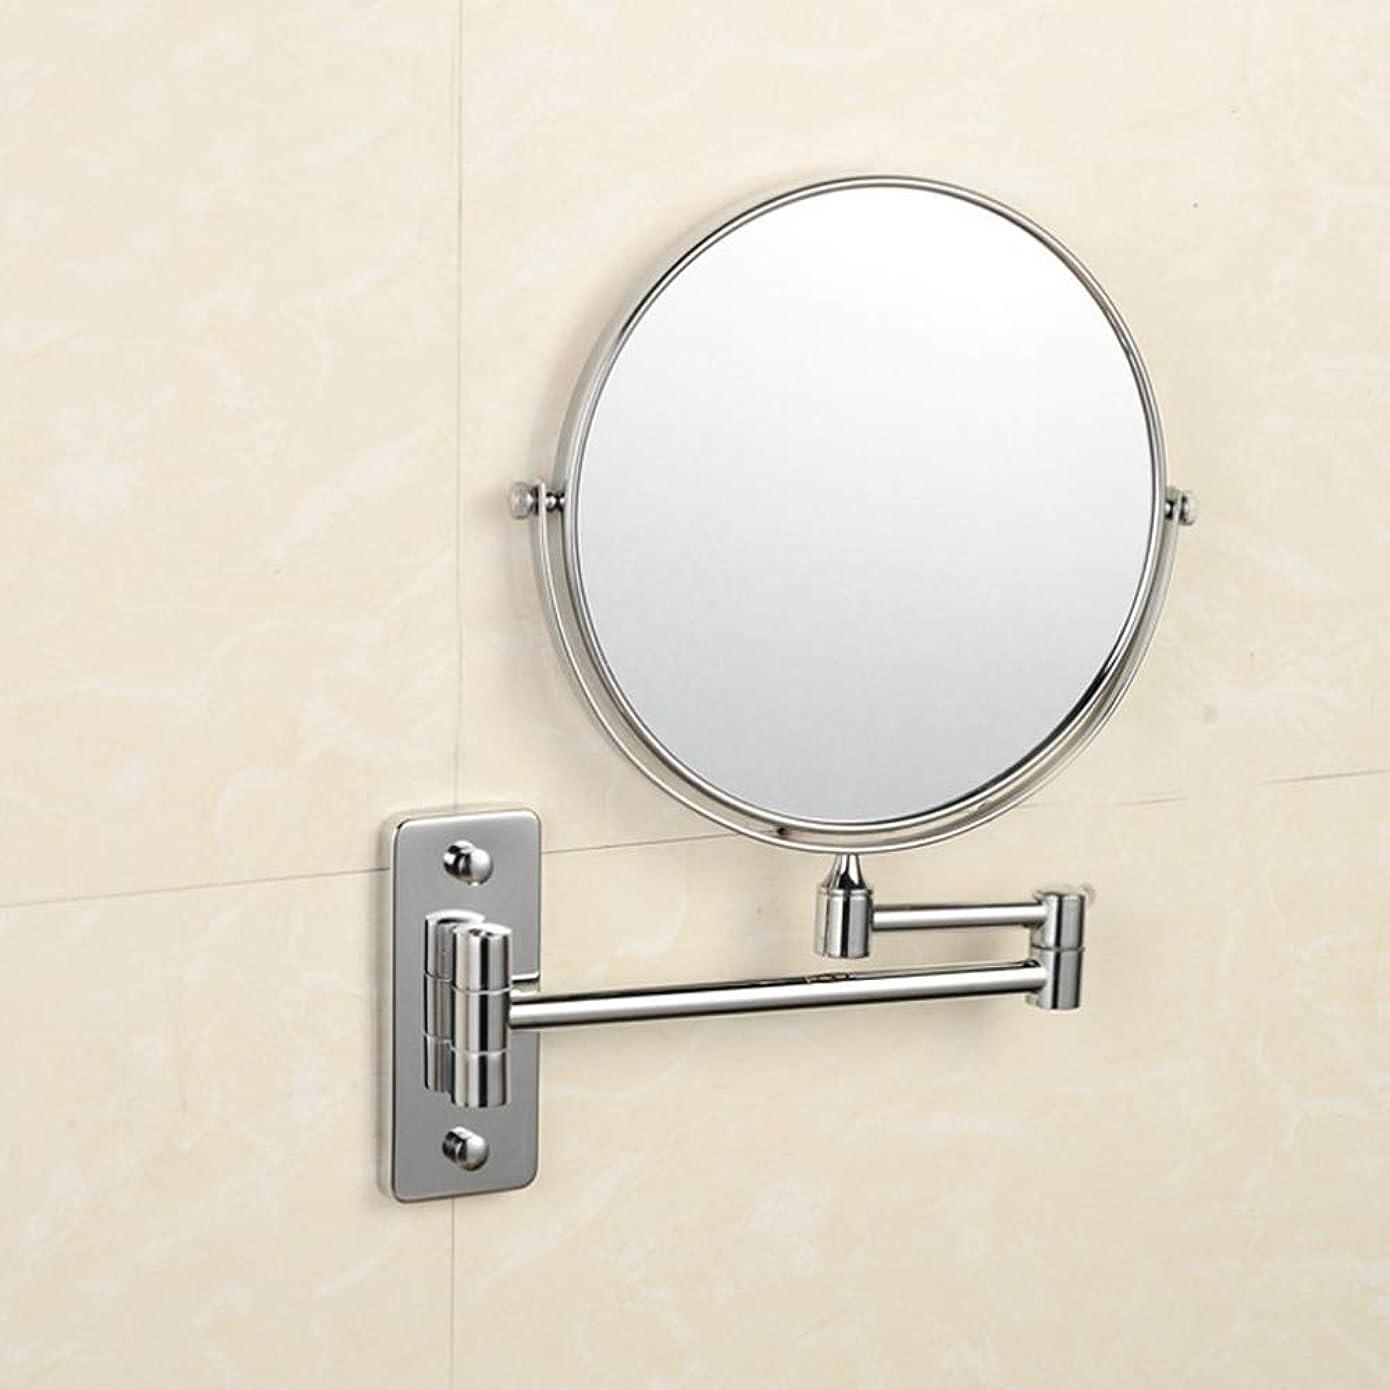 後ろに背景狂う流行の 銅浴室鏡折りたたみ伸縮性格人格美人表裏面360度回転壁掛け虫眼鏡ミラーシルバーホームビューティーミラー浴室